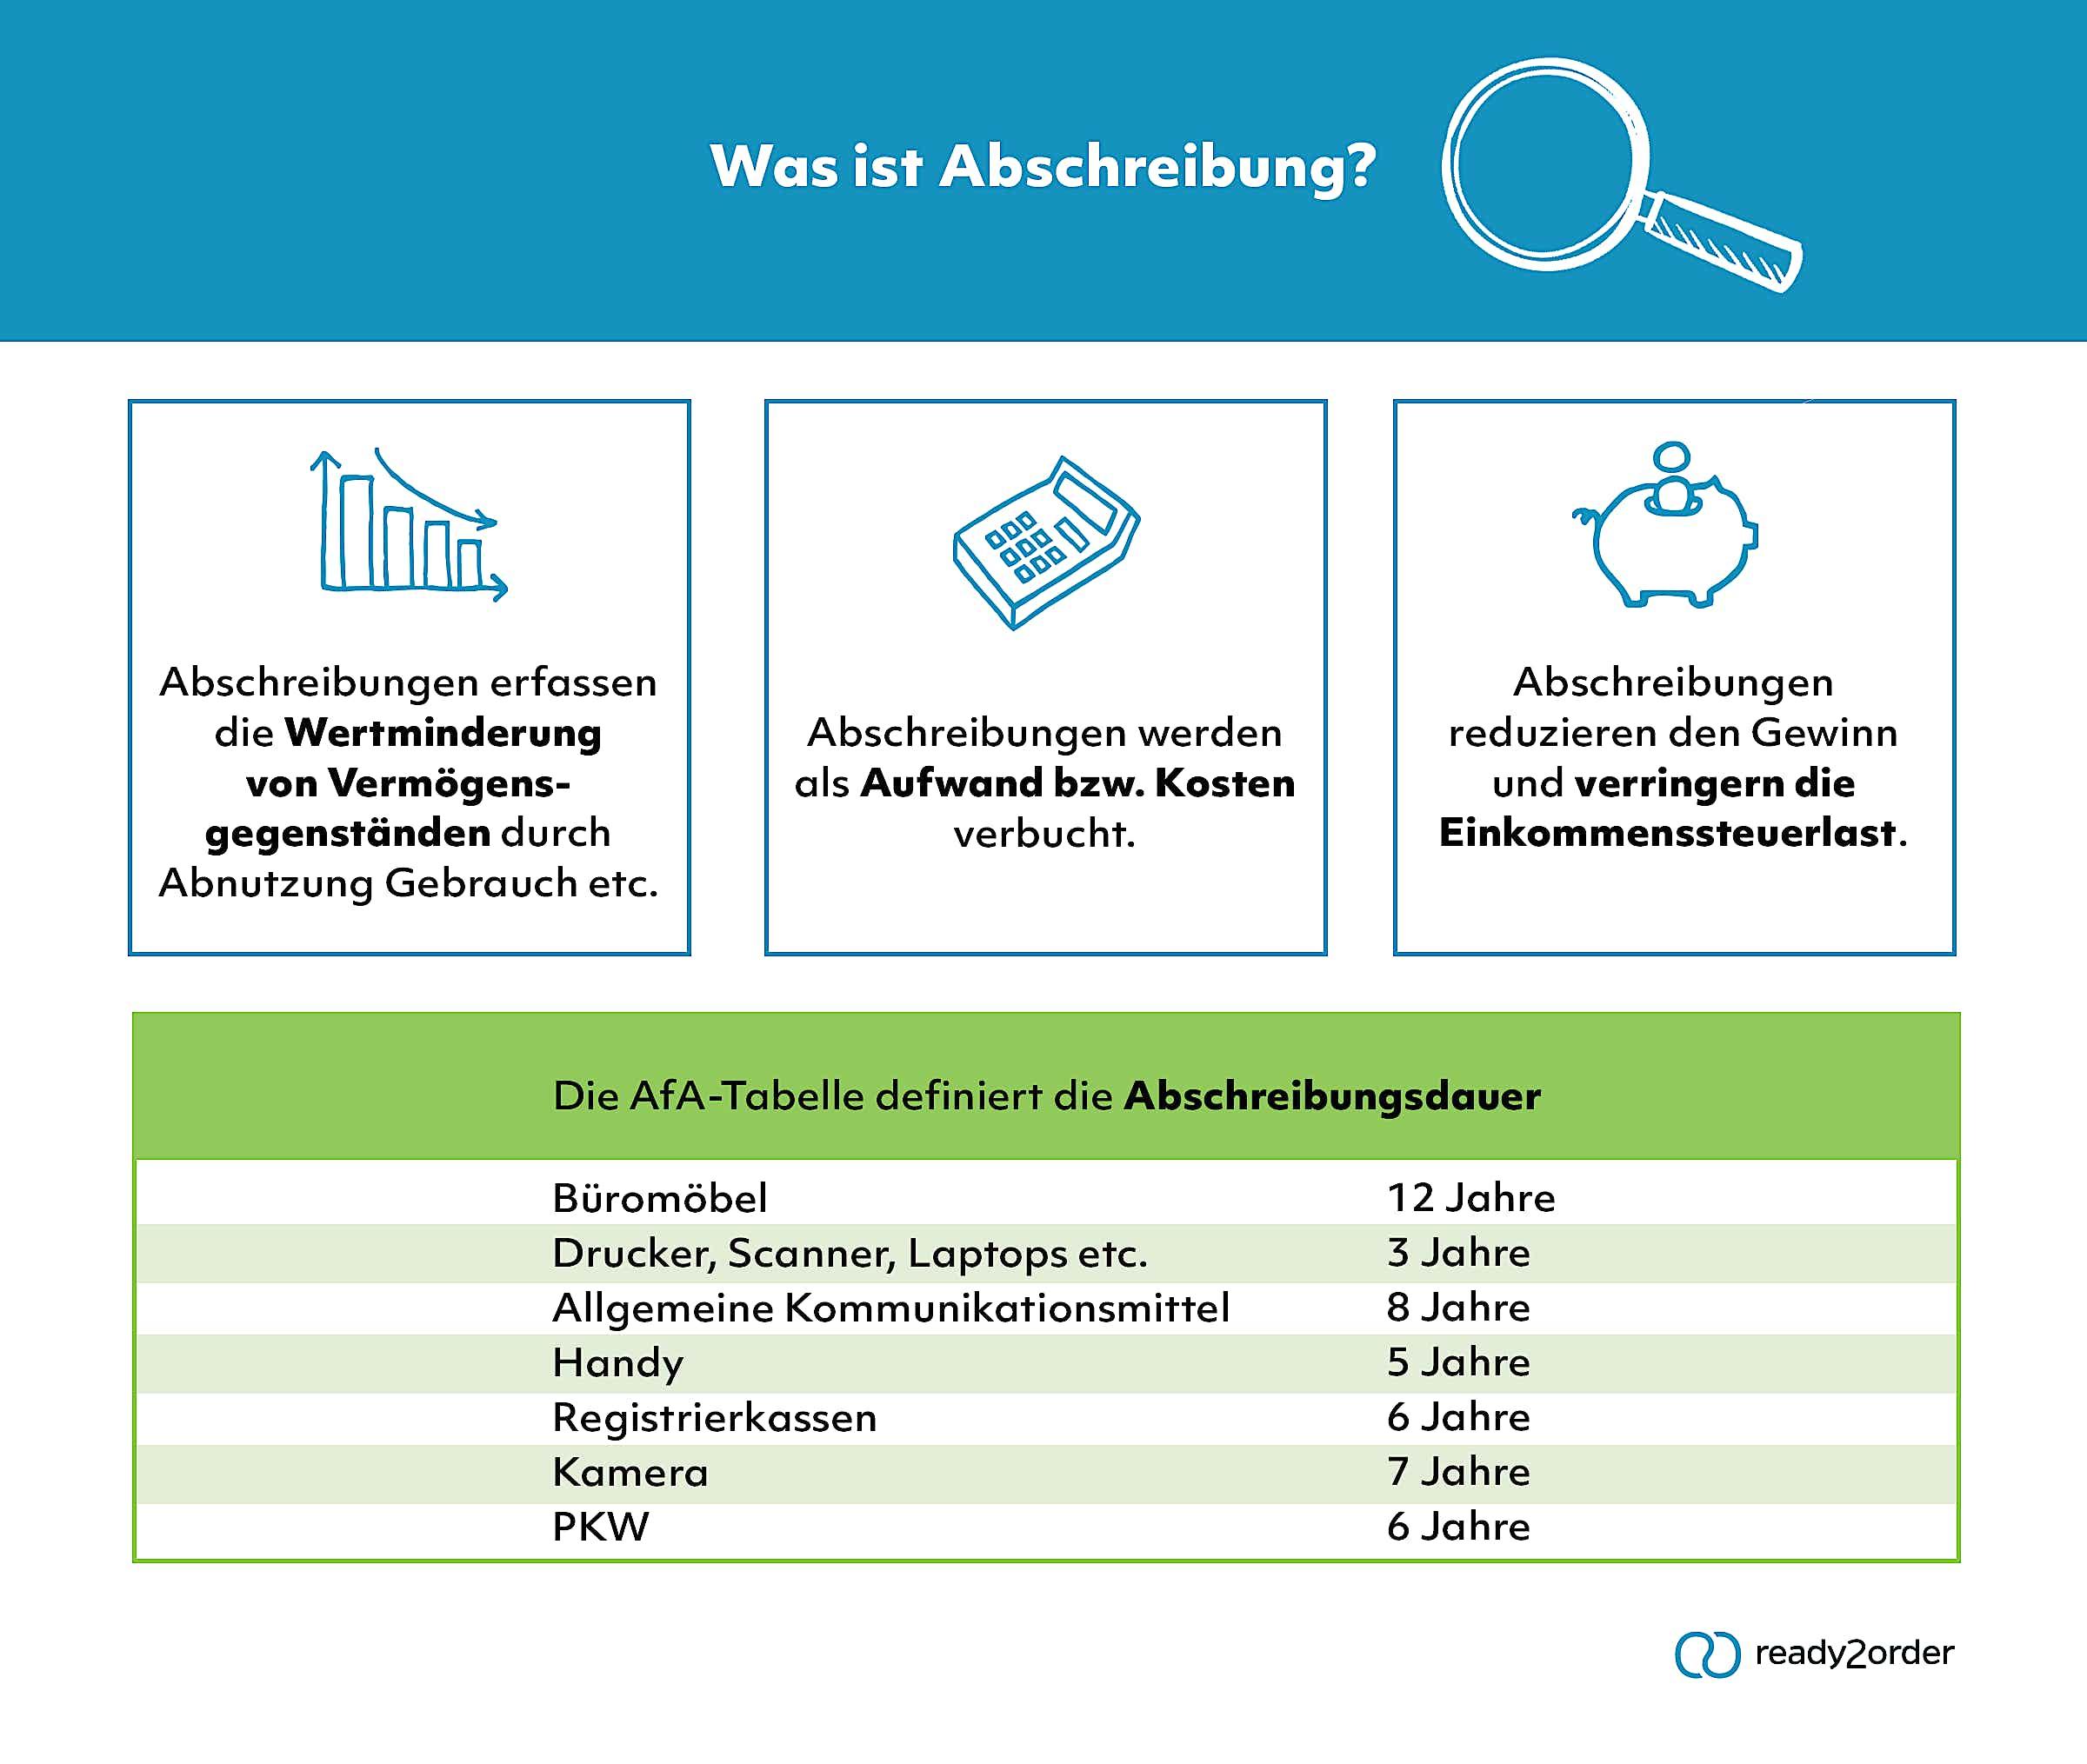 Abschreibung (Infografik)